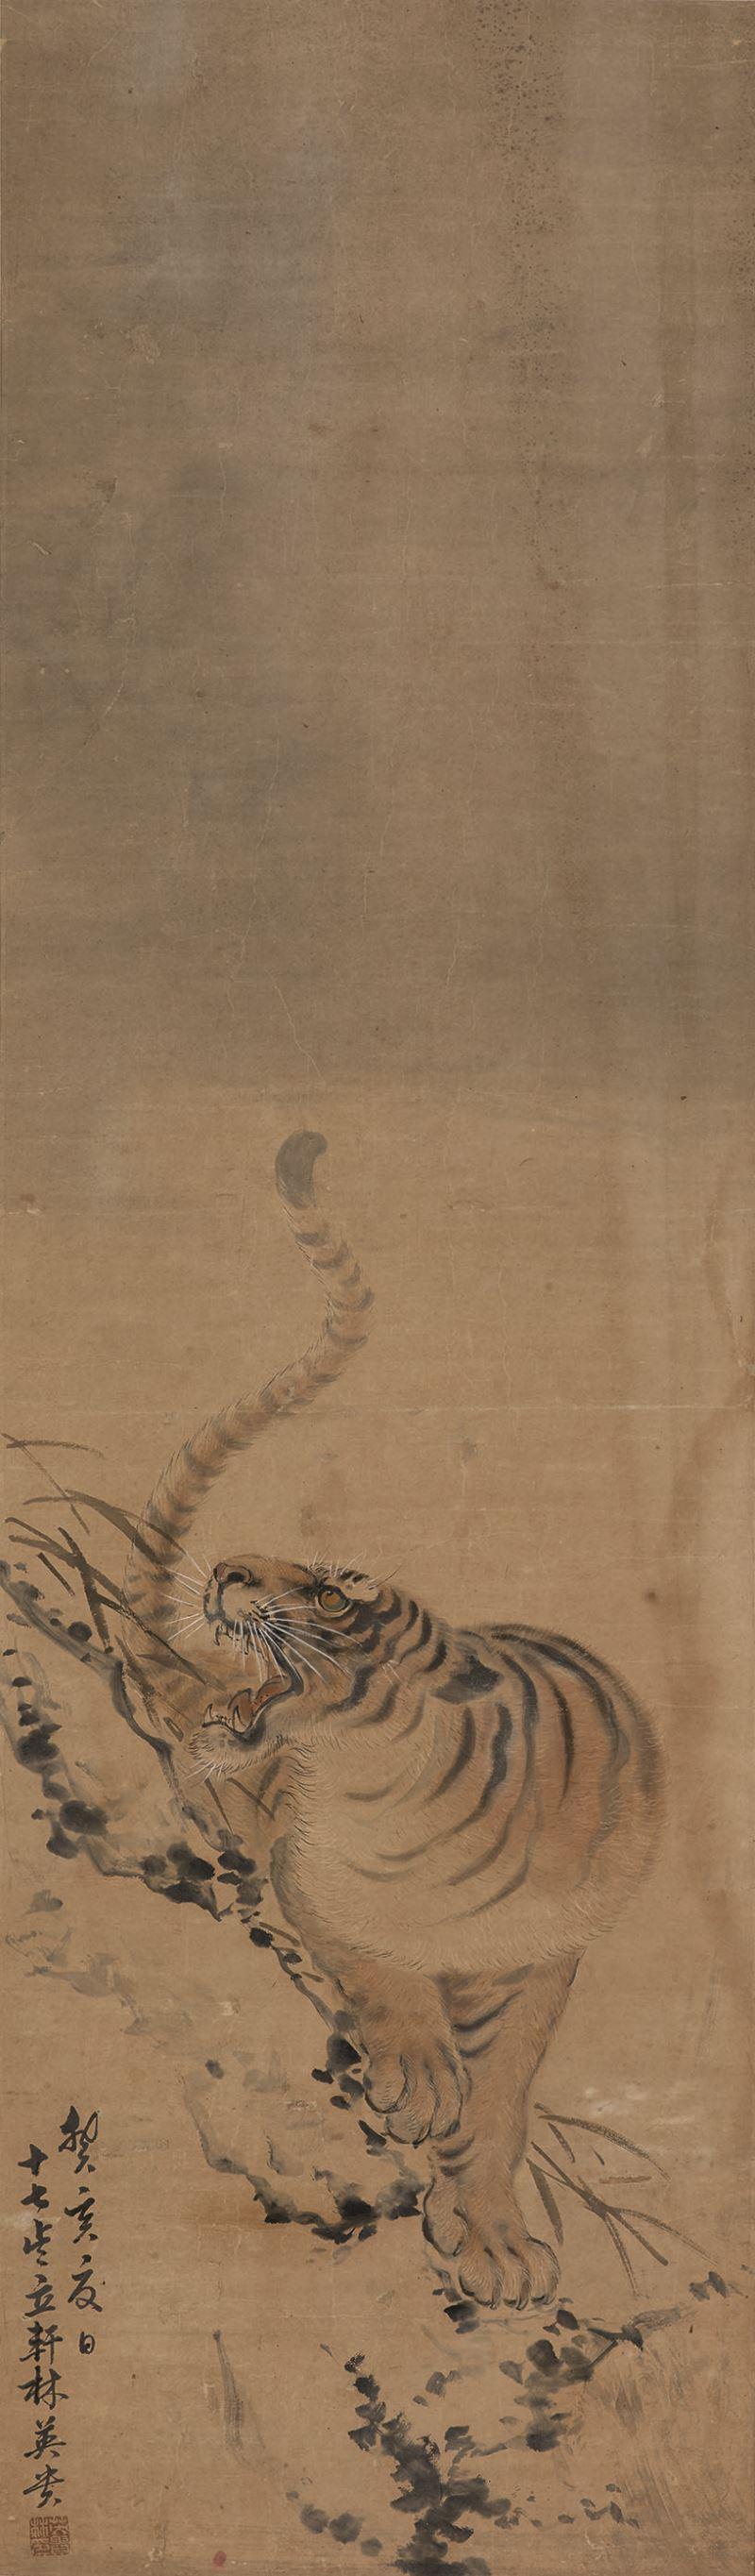 林玉山〈下山猛虎〉1923水墨、淡彩、紙本 132.1x39.1cm 國立臺灣美術館典藏